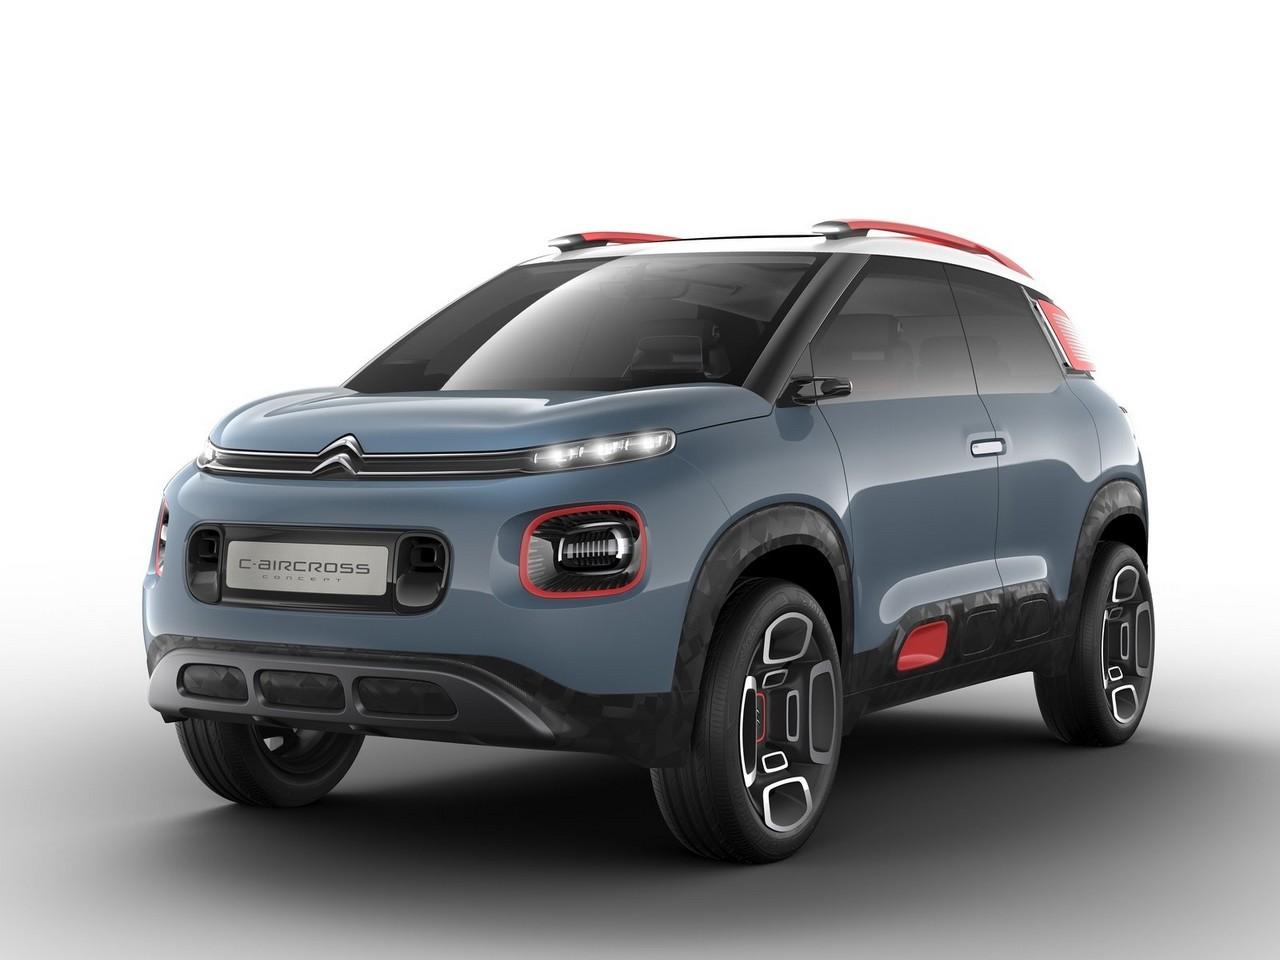 Citroen C-Aircross Concept 2017 – Le C-Aircross est un nouveau crossover